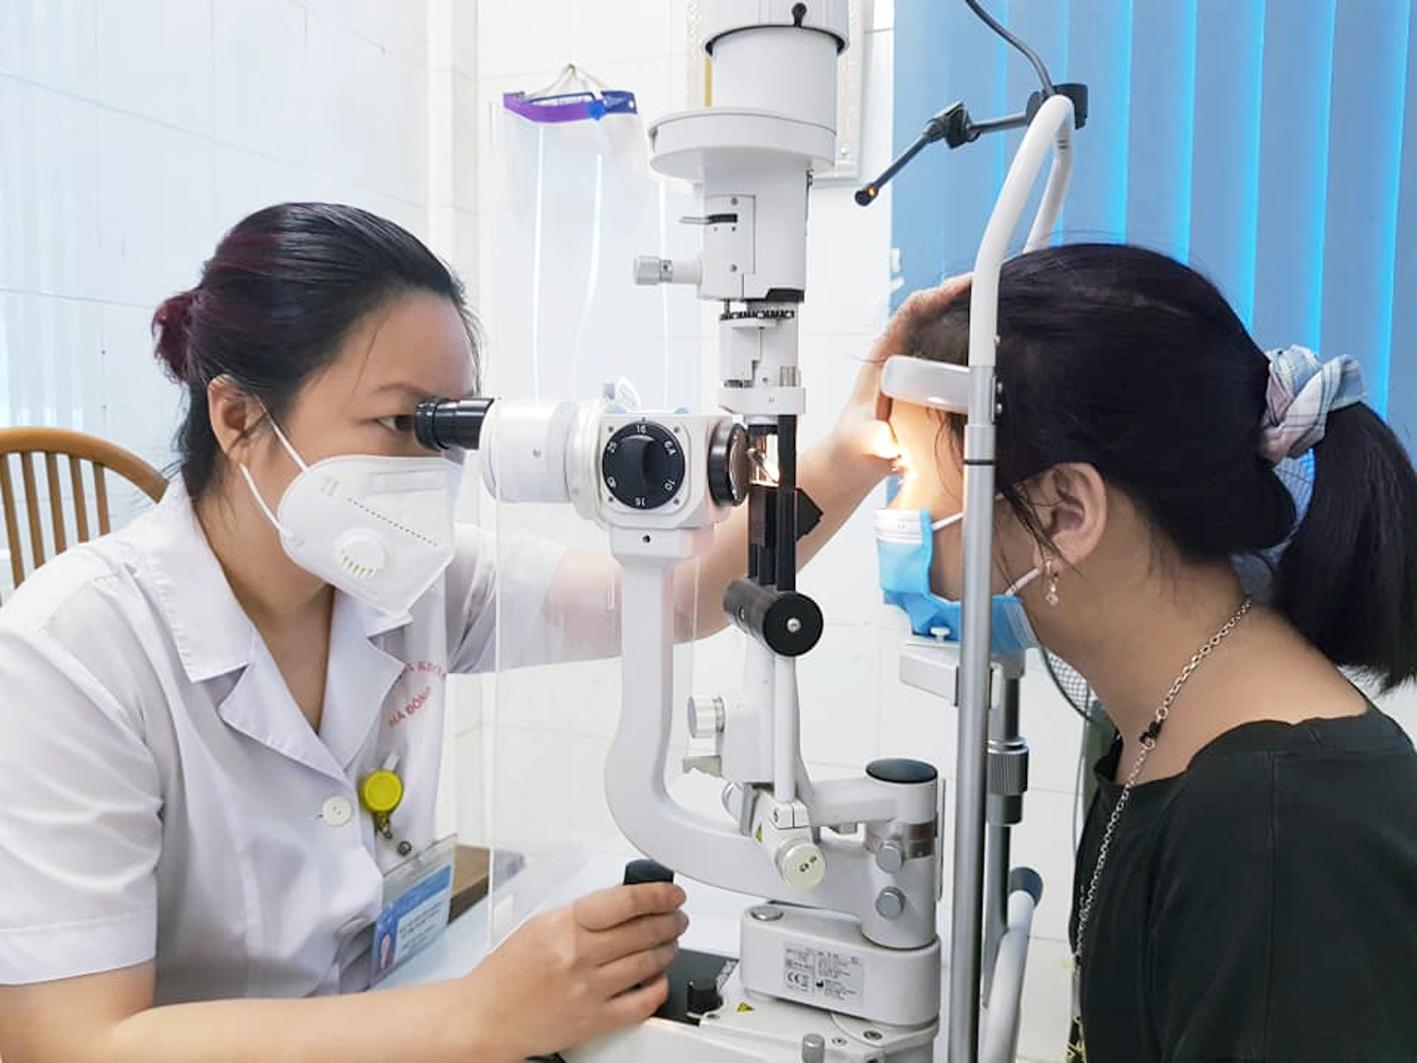 Các bác sĩ cảnh báo nguy cơ tăng số, cận thị trong mùa COVID-19 vì trẻ ở nhà và sử dụng nhiều thiết bị điện tử